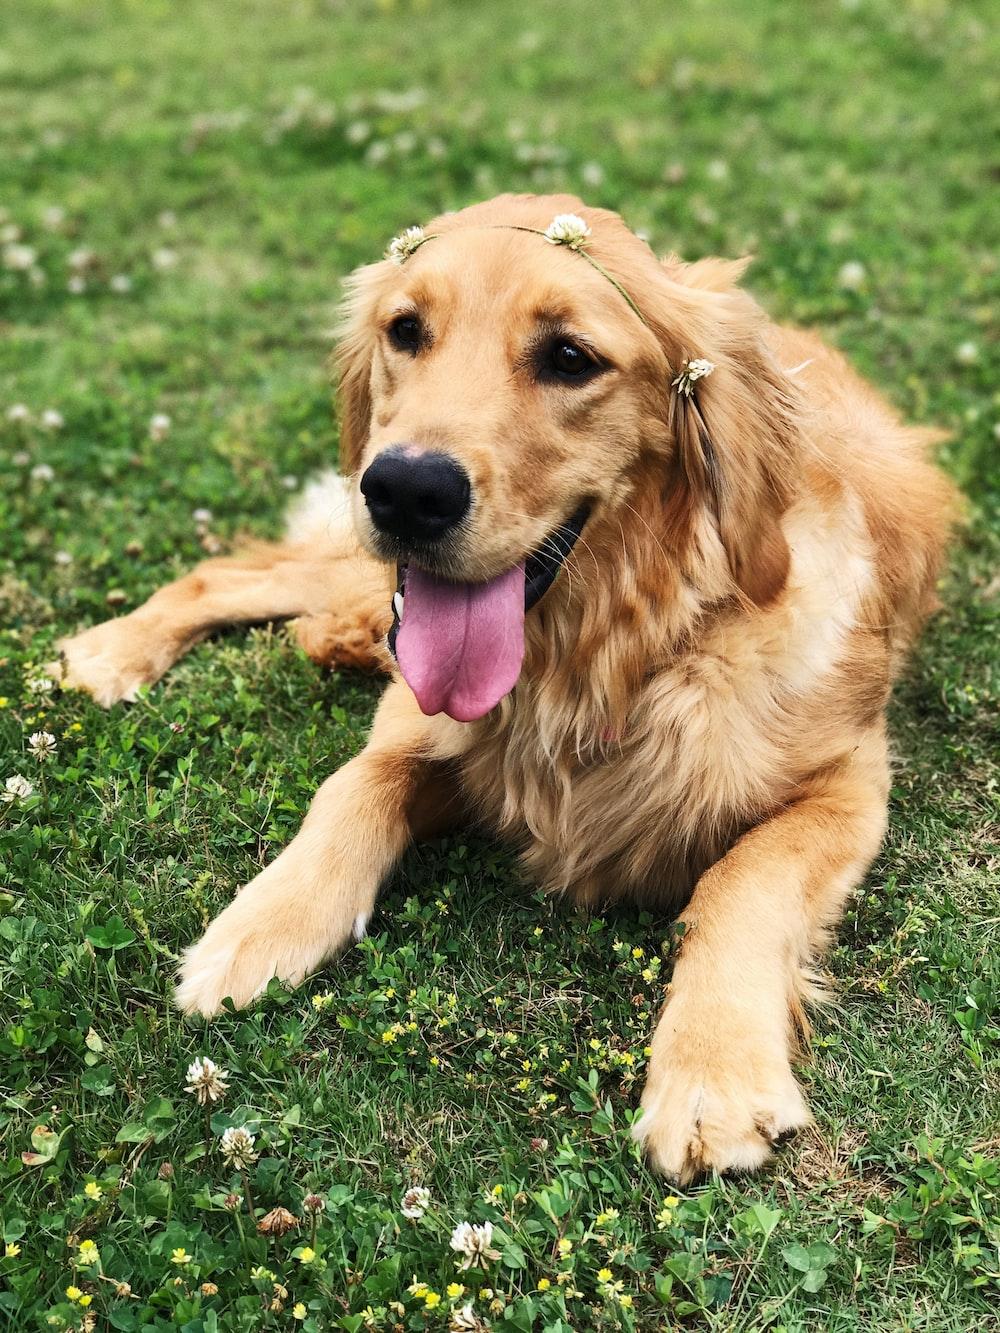 golden retriever sitting on green grass